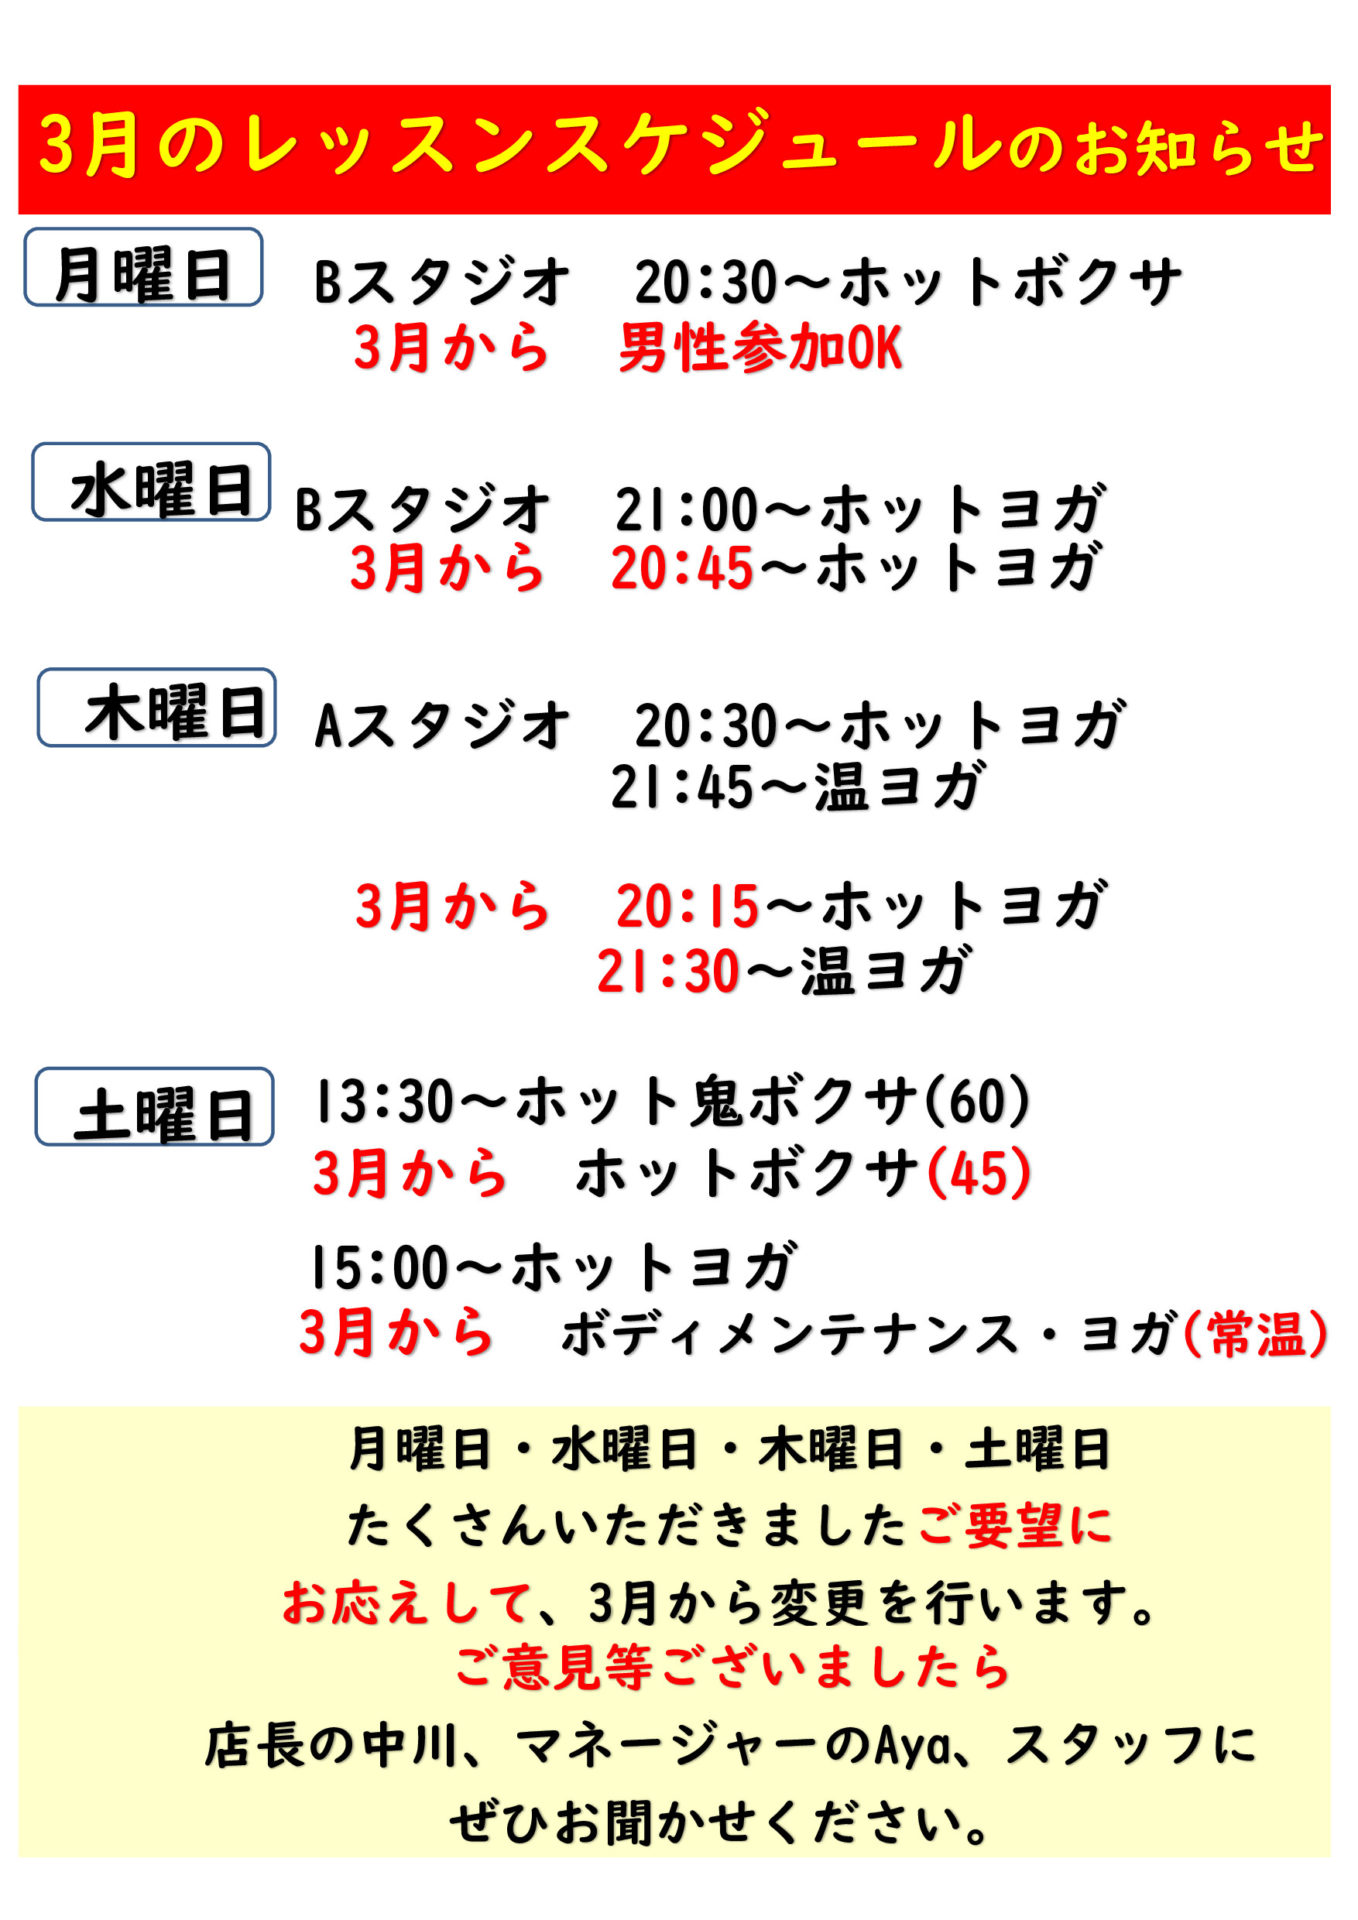 3月のレッスンスケジュールのお知らせ